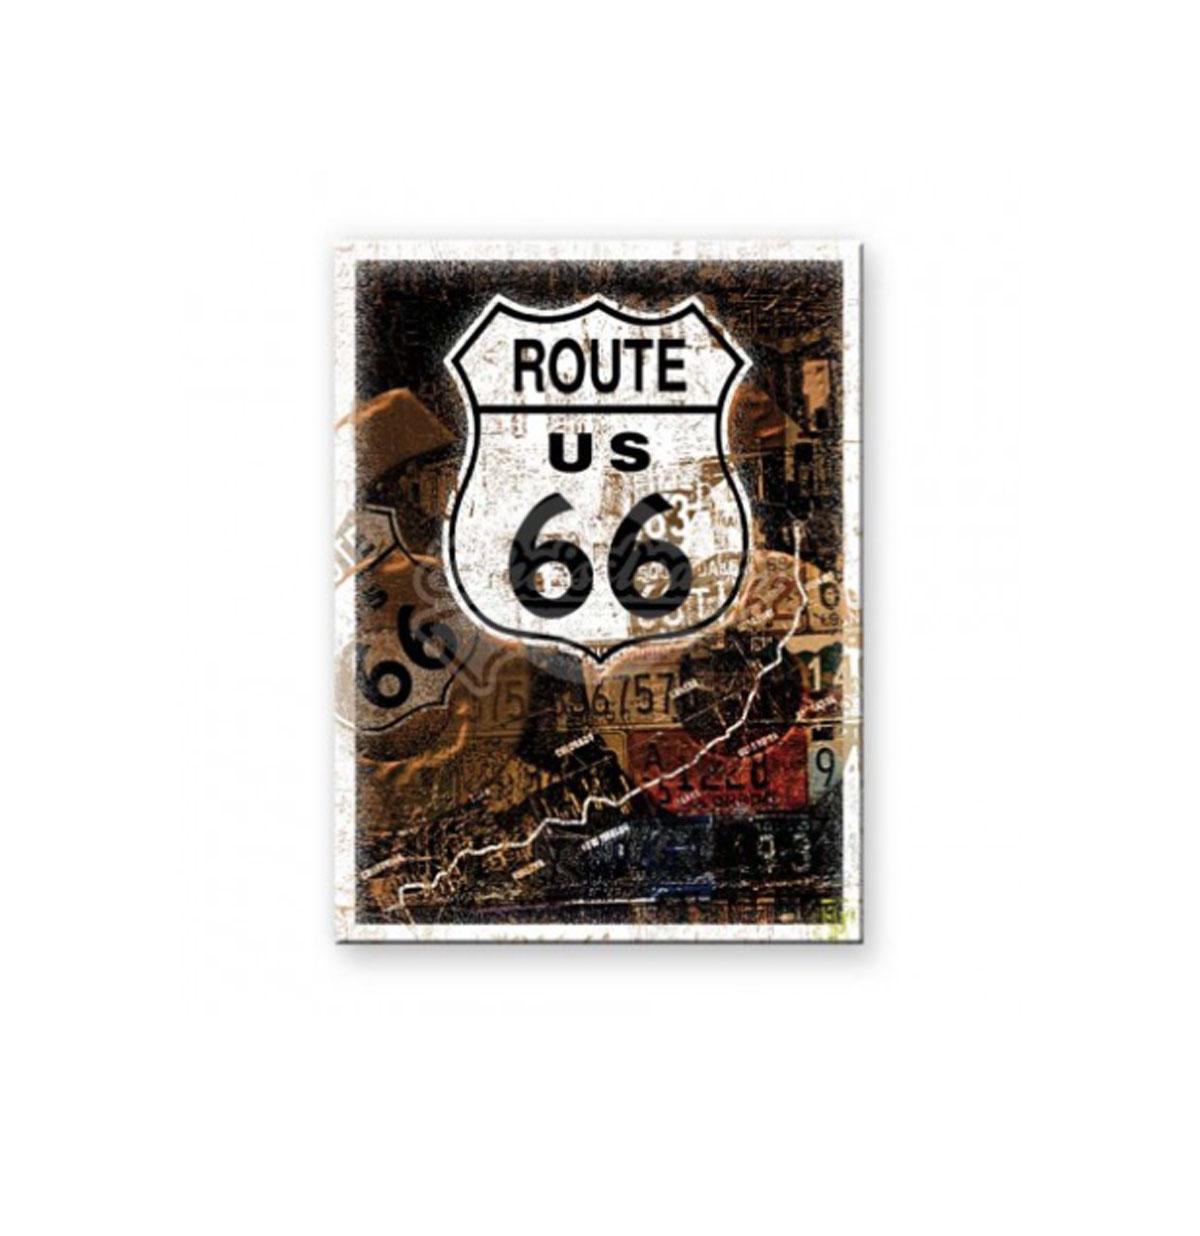 Route 66 Retro Magneet